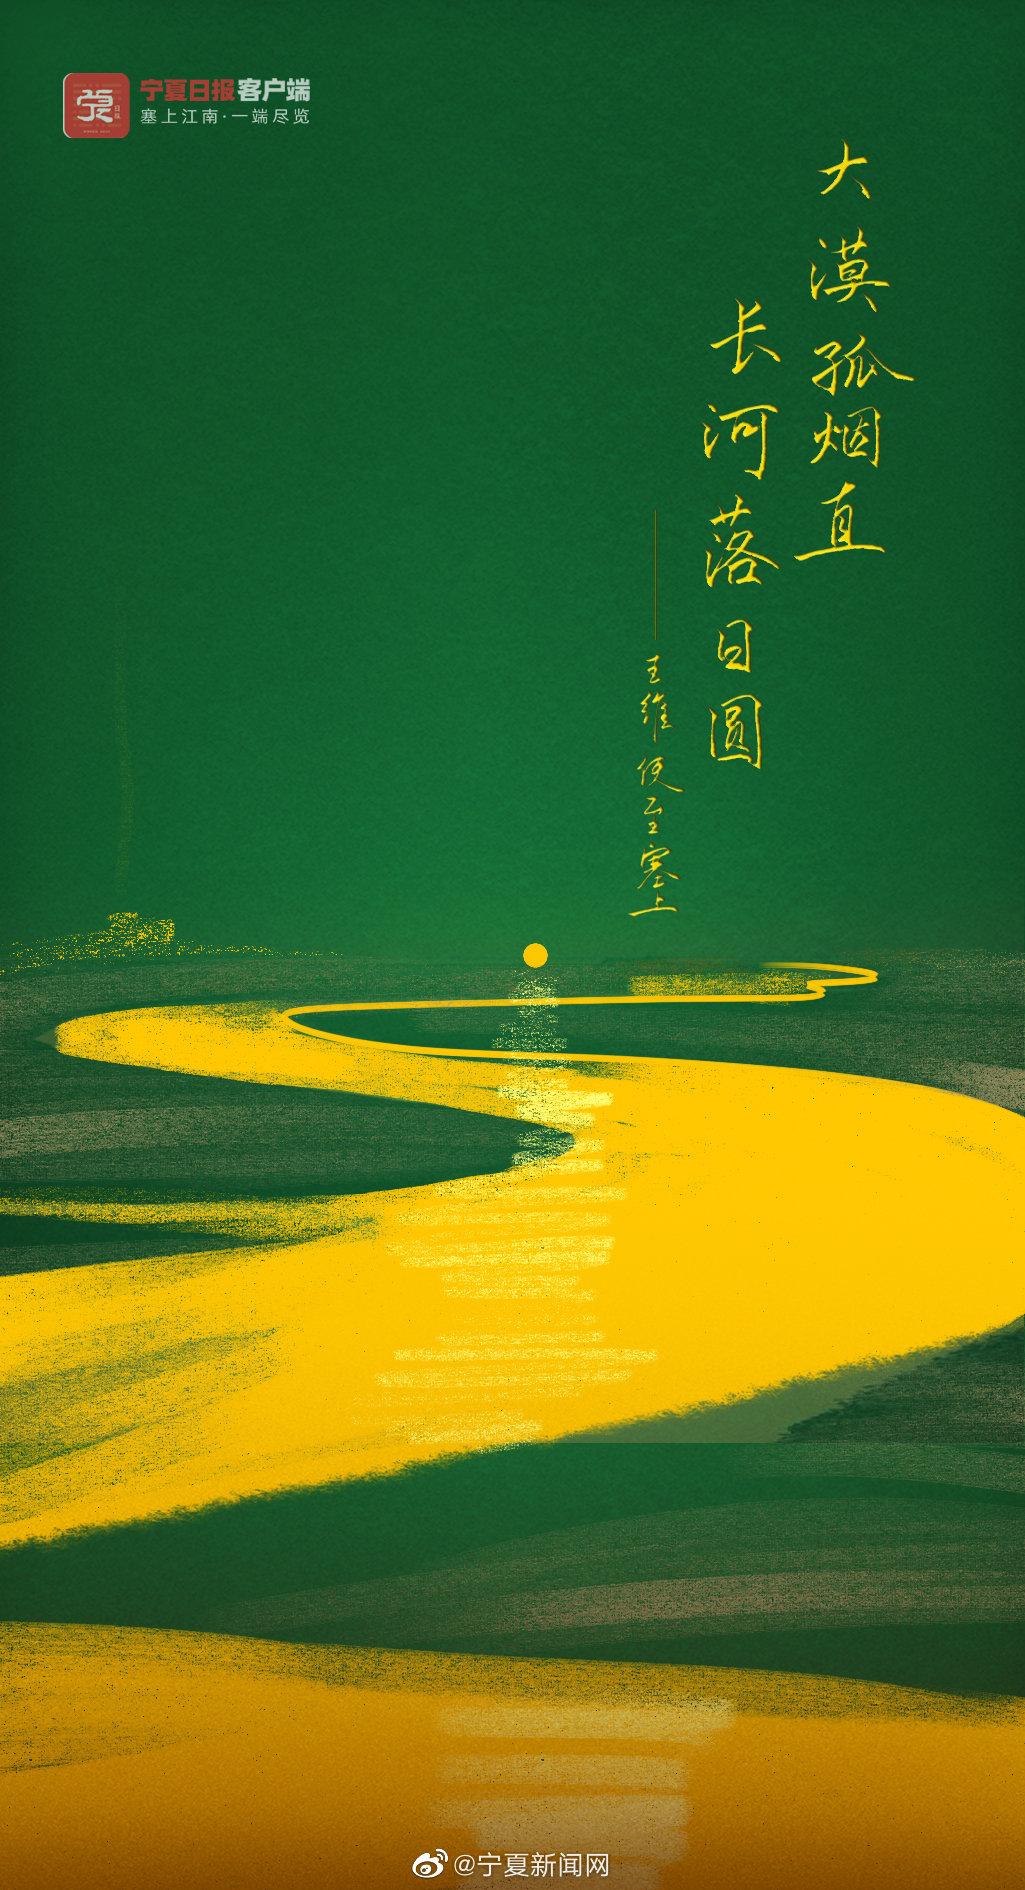 大河涛声,由古而今!藏在古诗词里的黄河,这般壮美